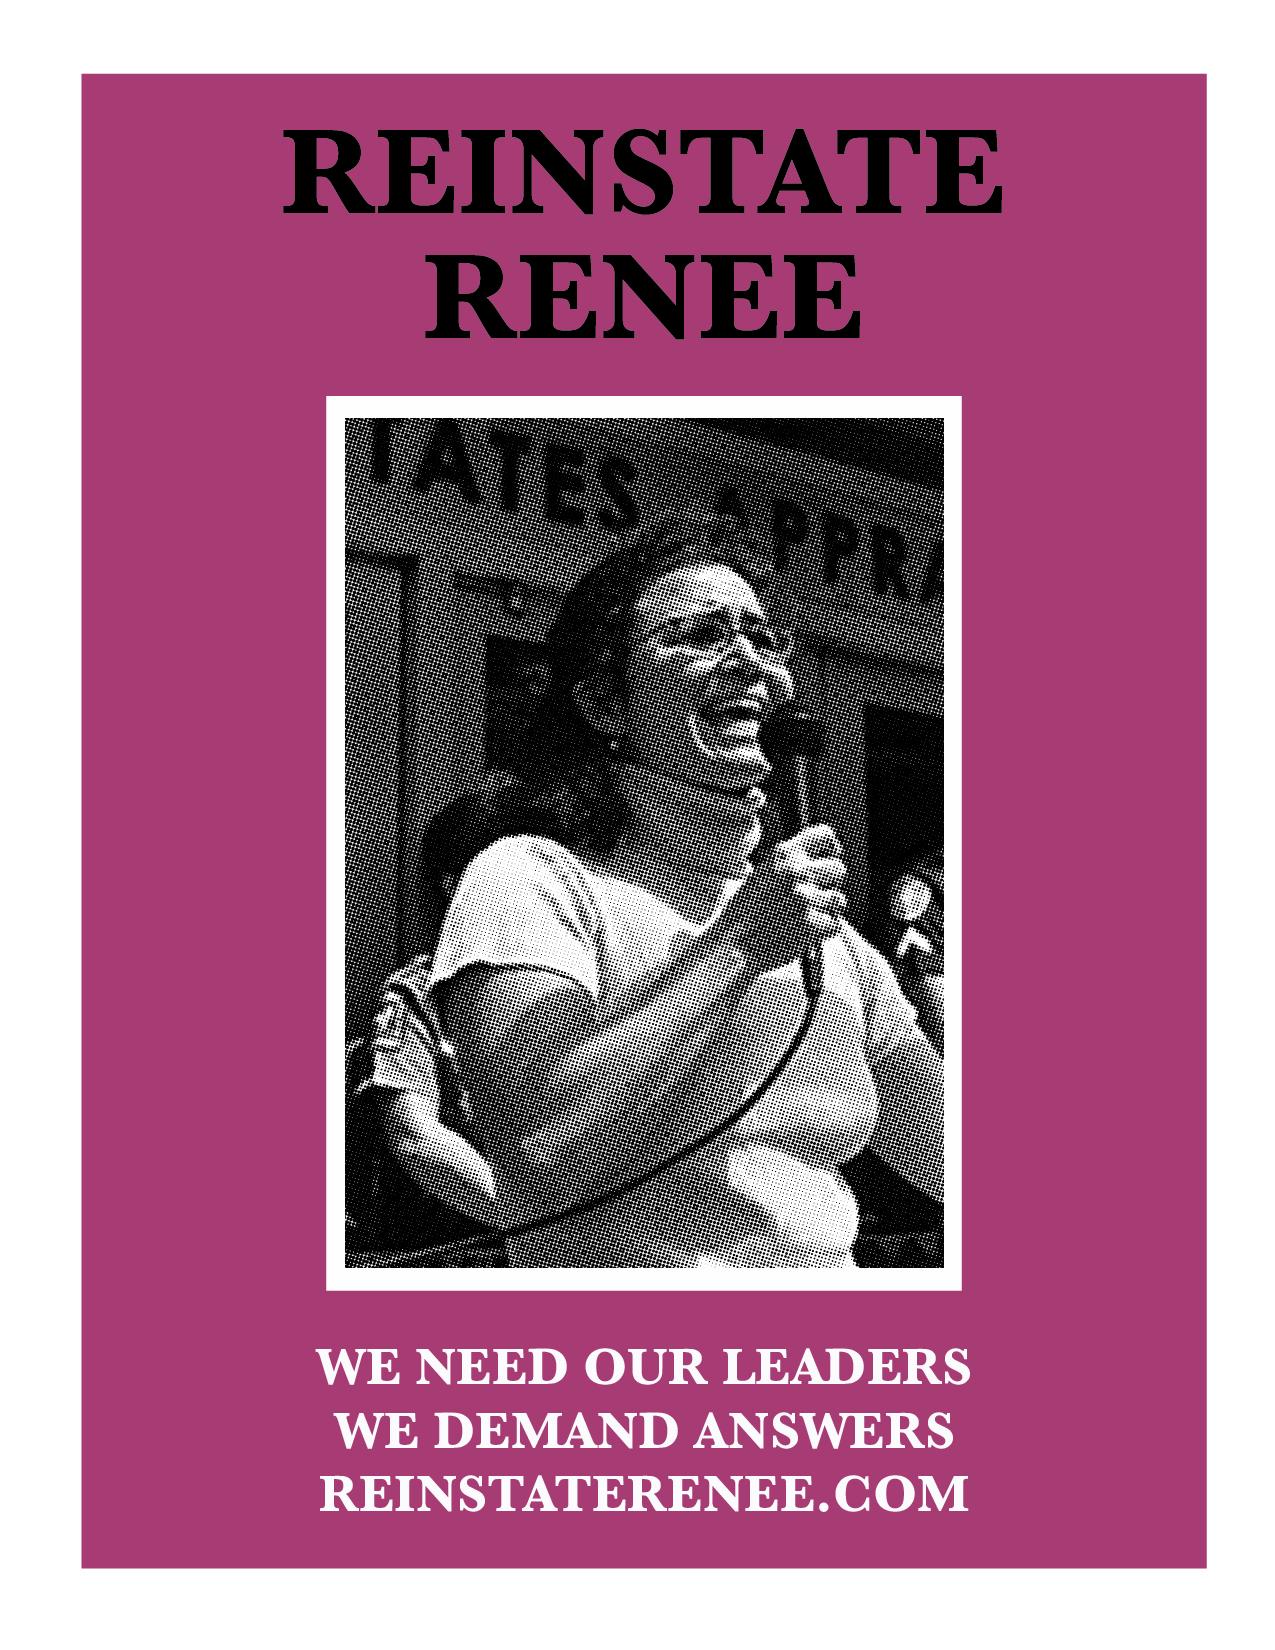 reinstate renee flyer-01.jpg